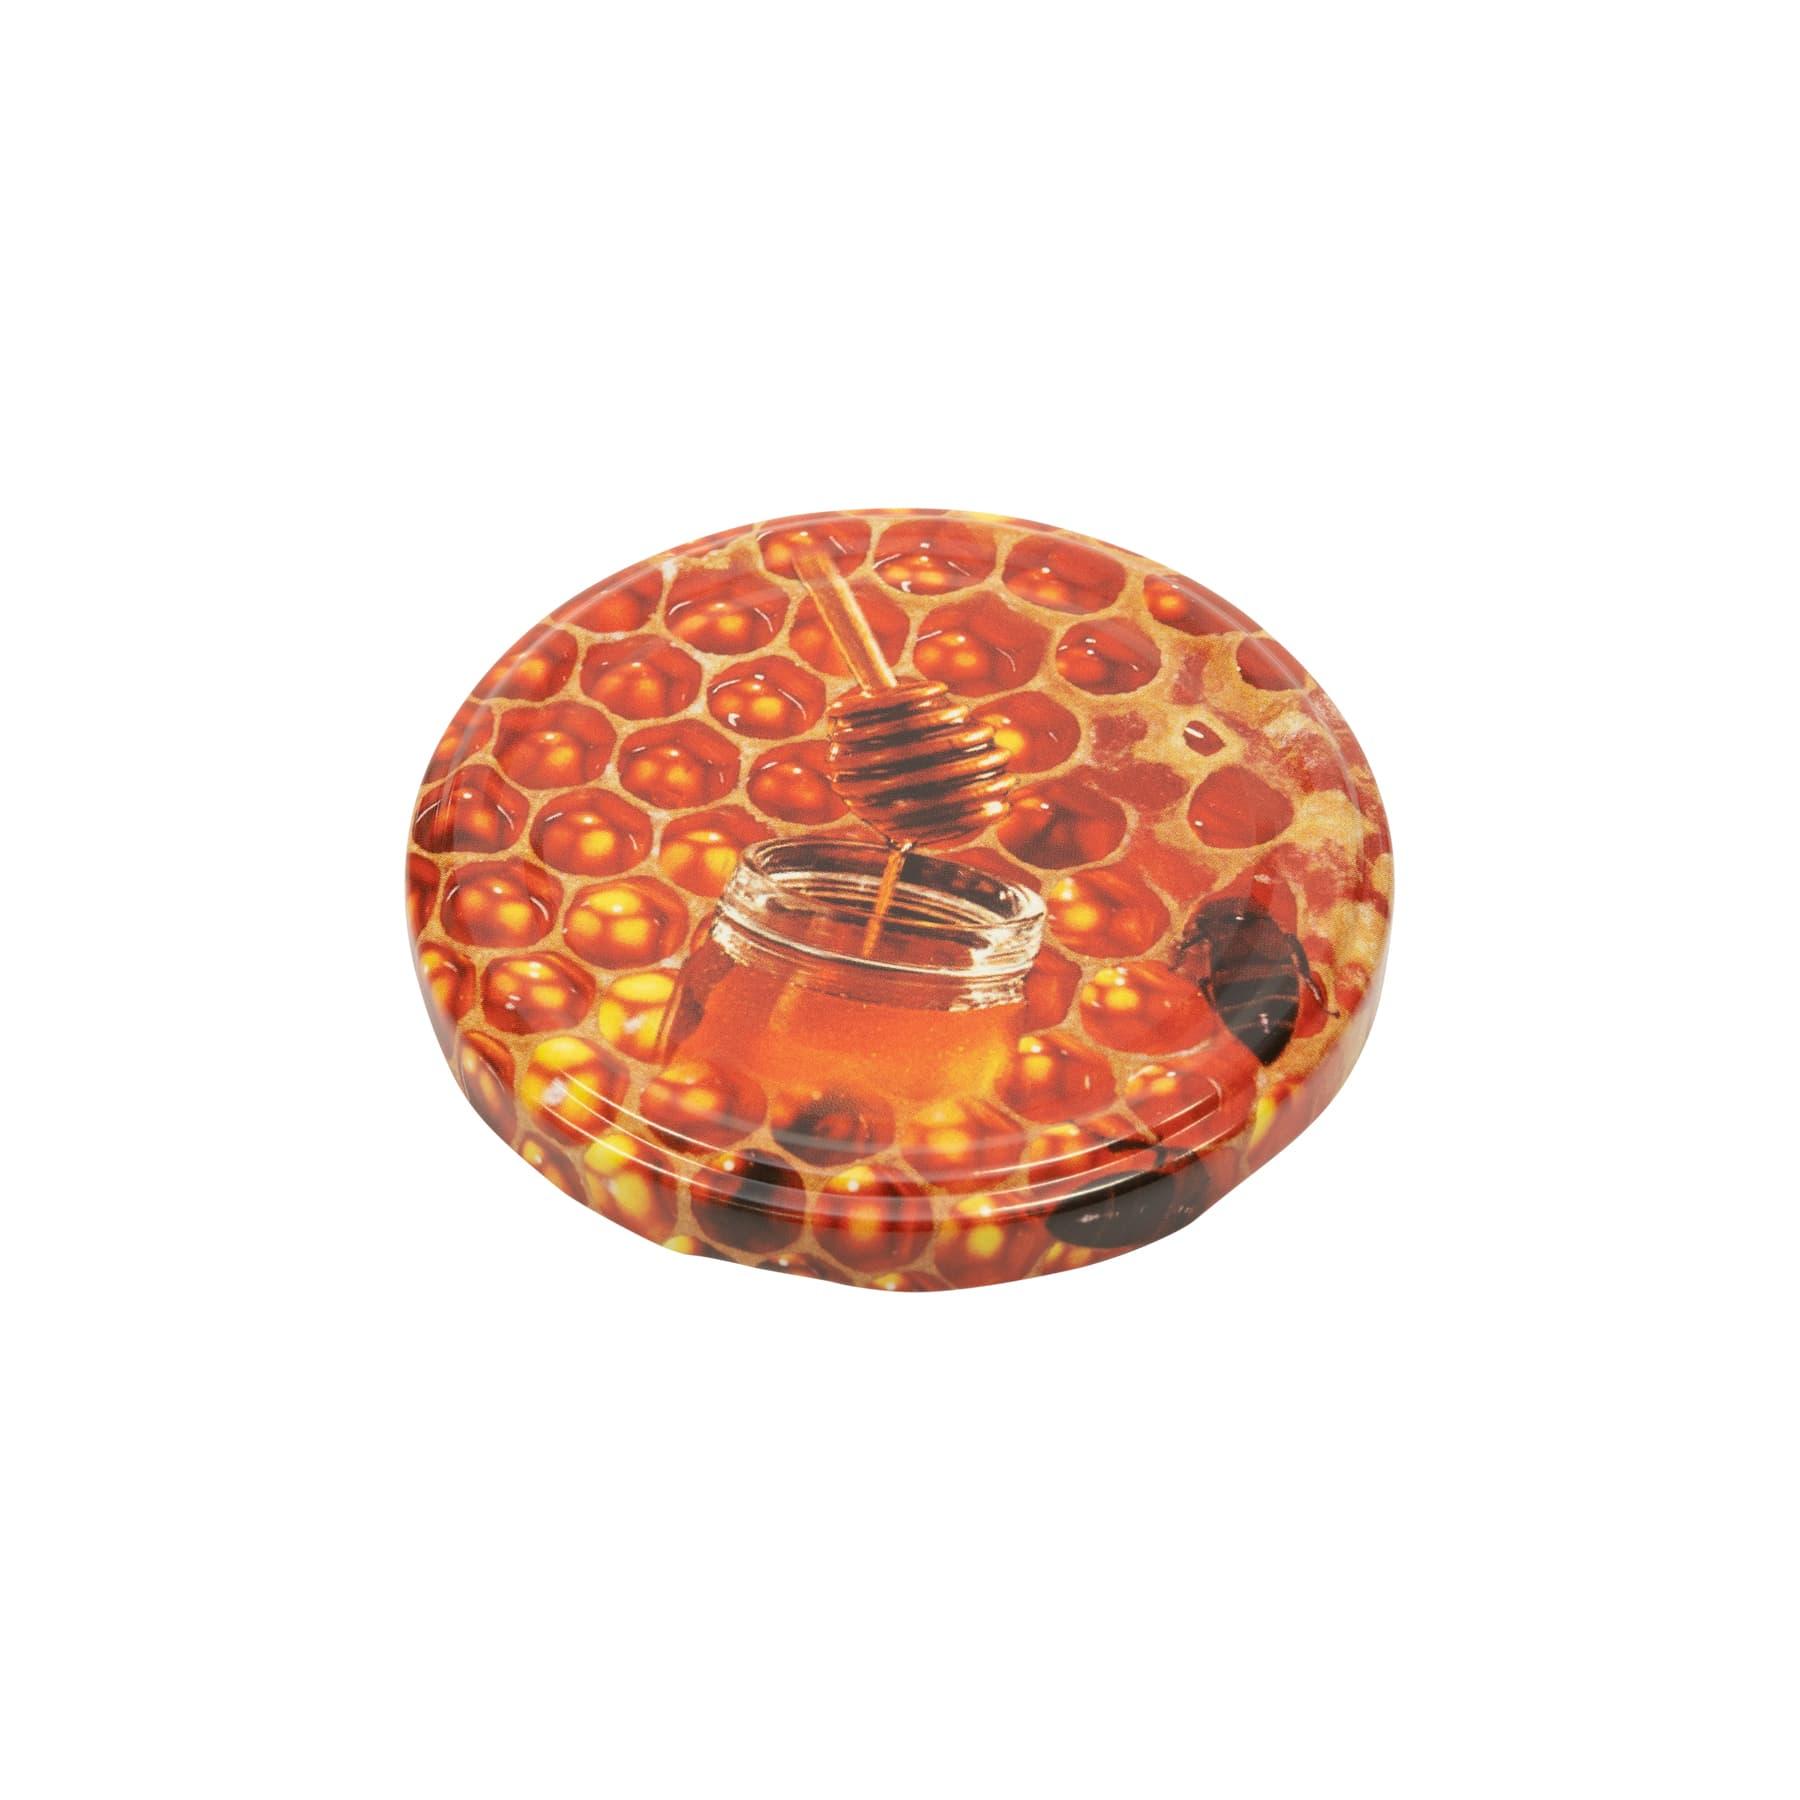 Twist Off Deckel Metall 82 mm, Honigglas auf rötlichen Honigwaben